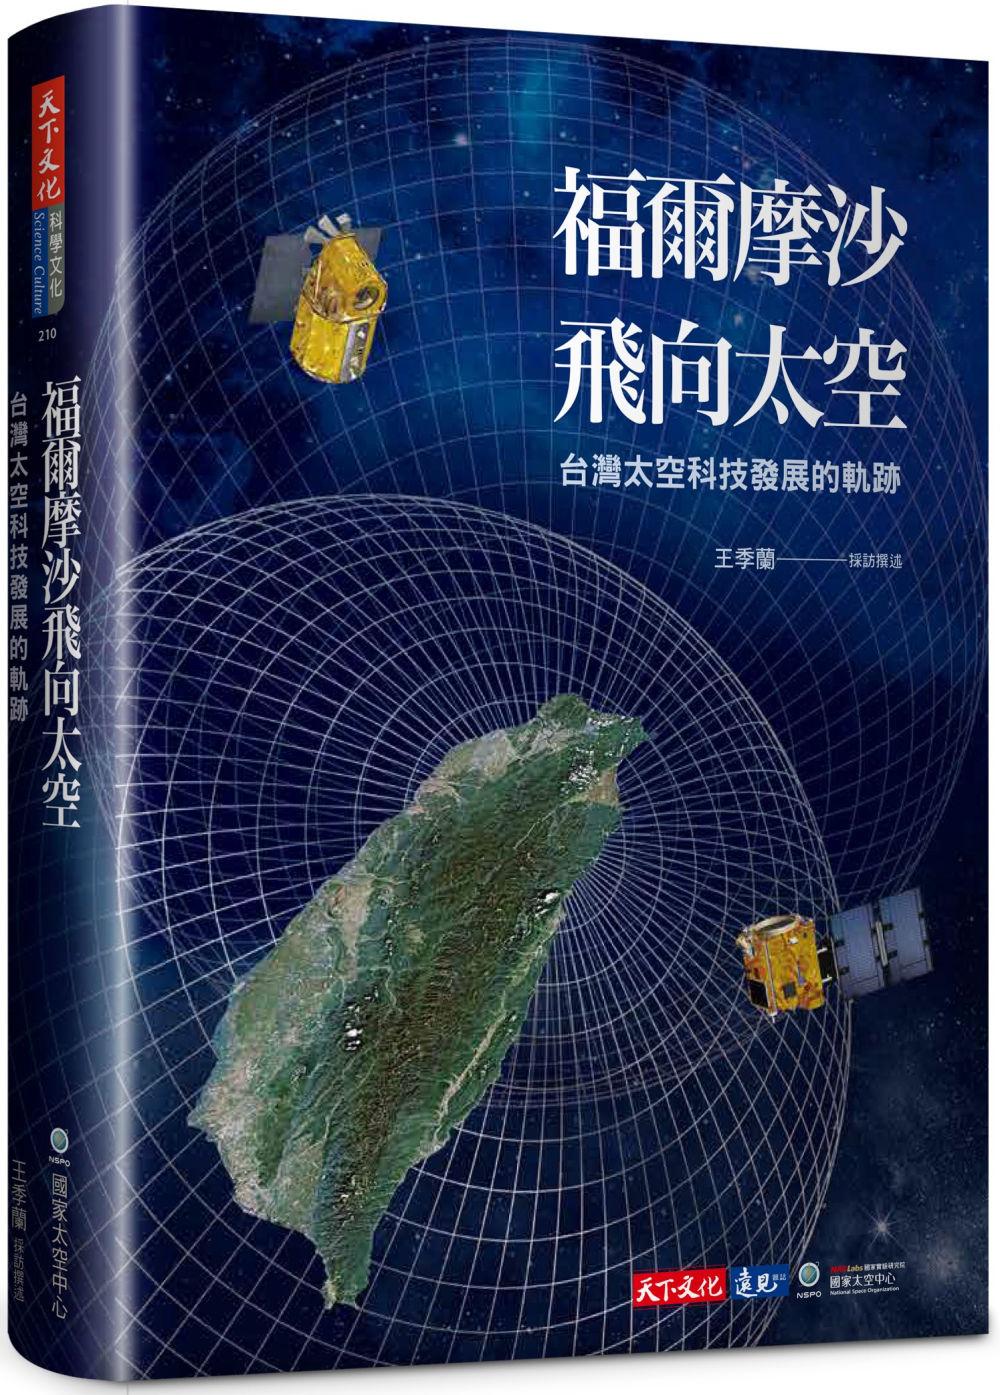 福爾摩沙飛向太空:台灣太空科技...